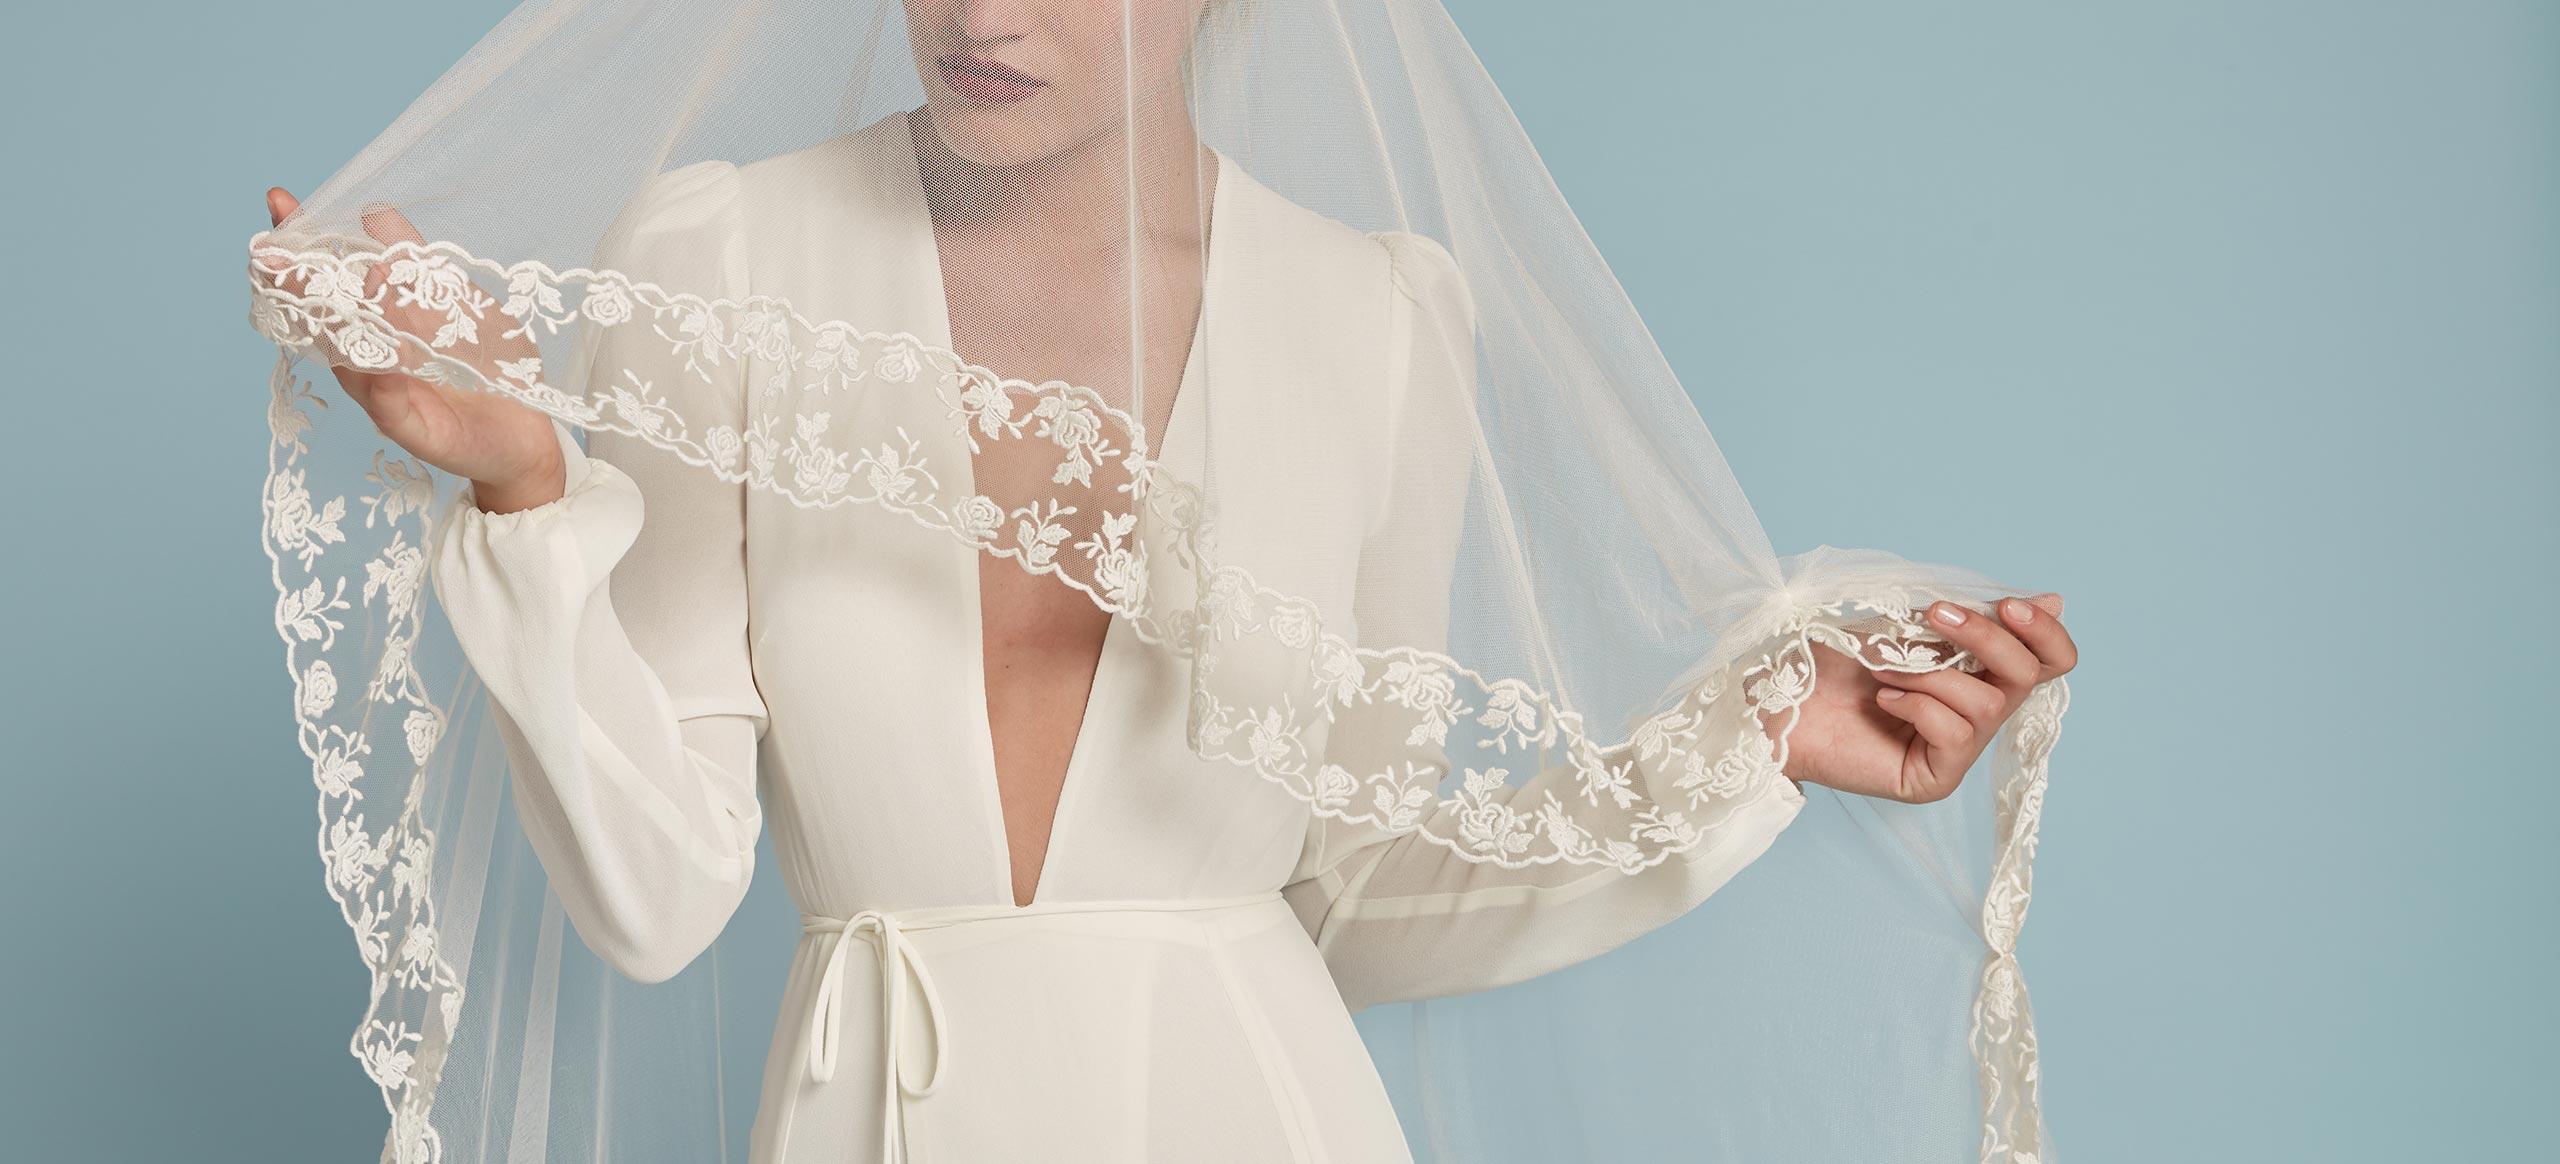 """""""Reformation"""" crea una línea de vestidos de novia low cost"""